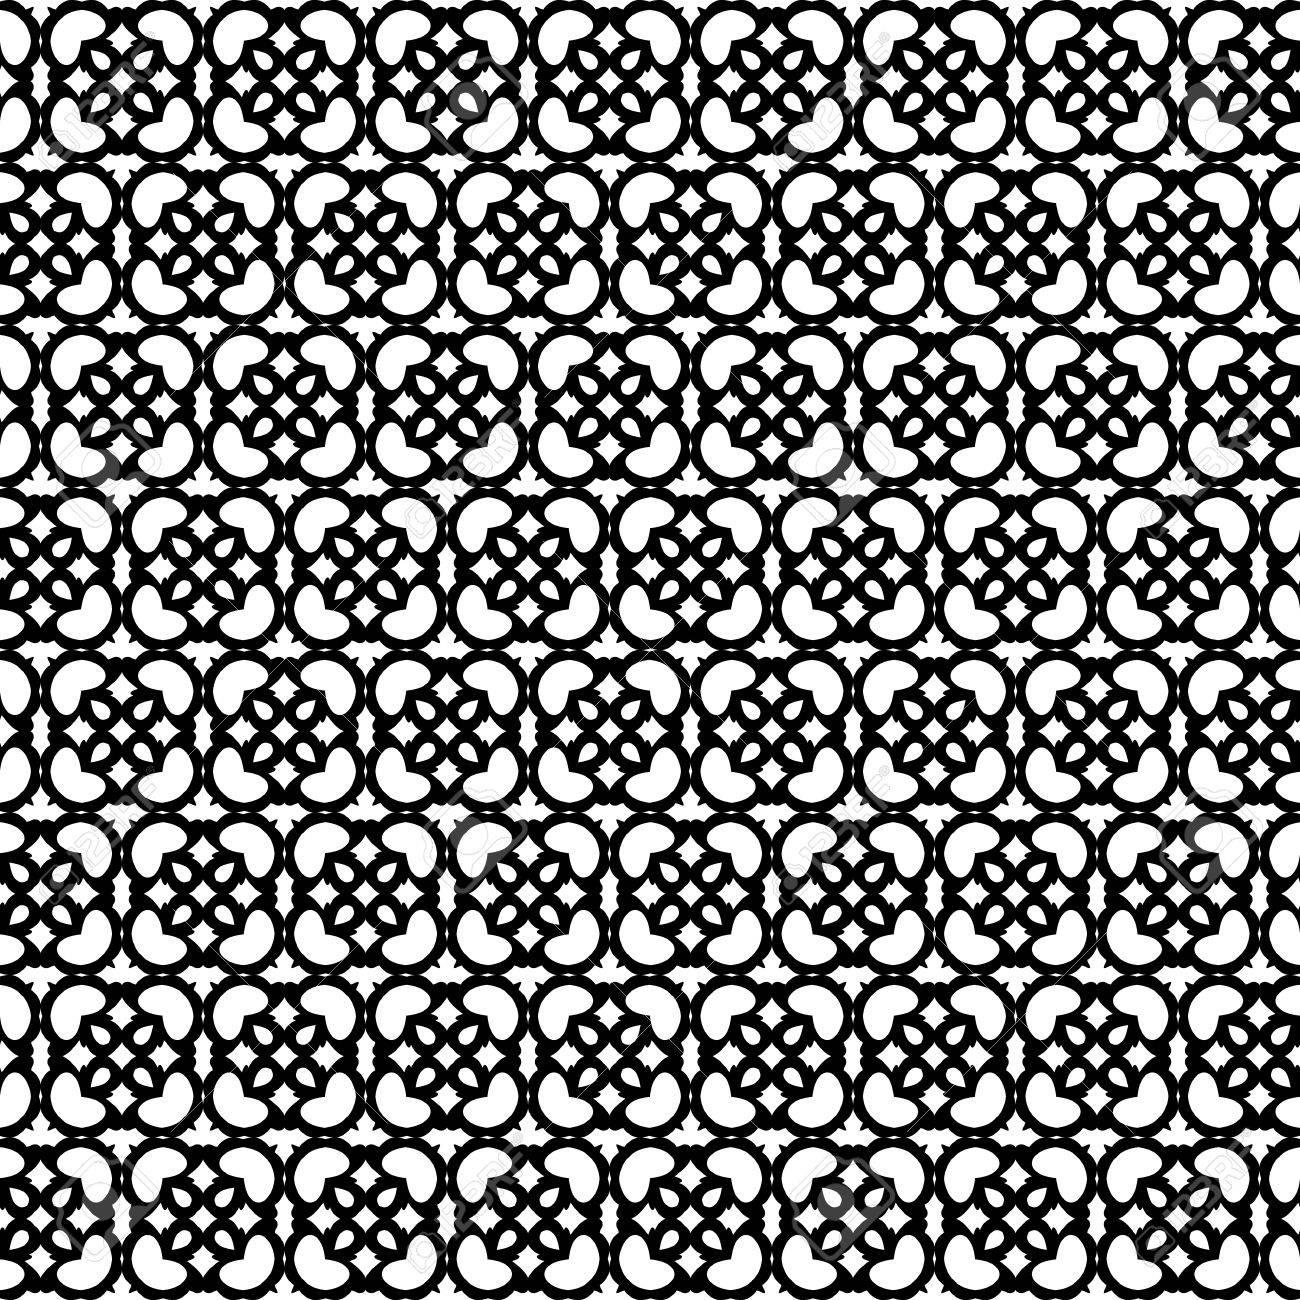 抽象的なシームレス パターン 黒と白の背景 ベクトルの図 クラシックなデザイン 黒のファンタジーの要素を持つ白の背景 レトロなシンプルな壁紙 のイラスト素材 ベクタ Image